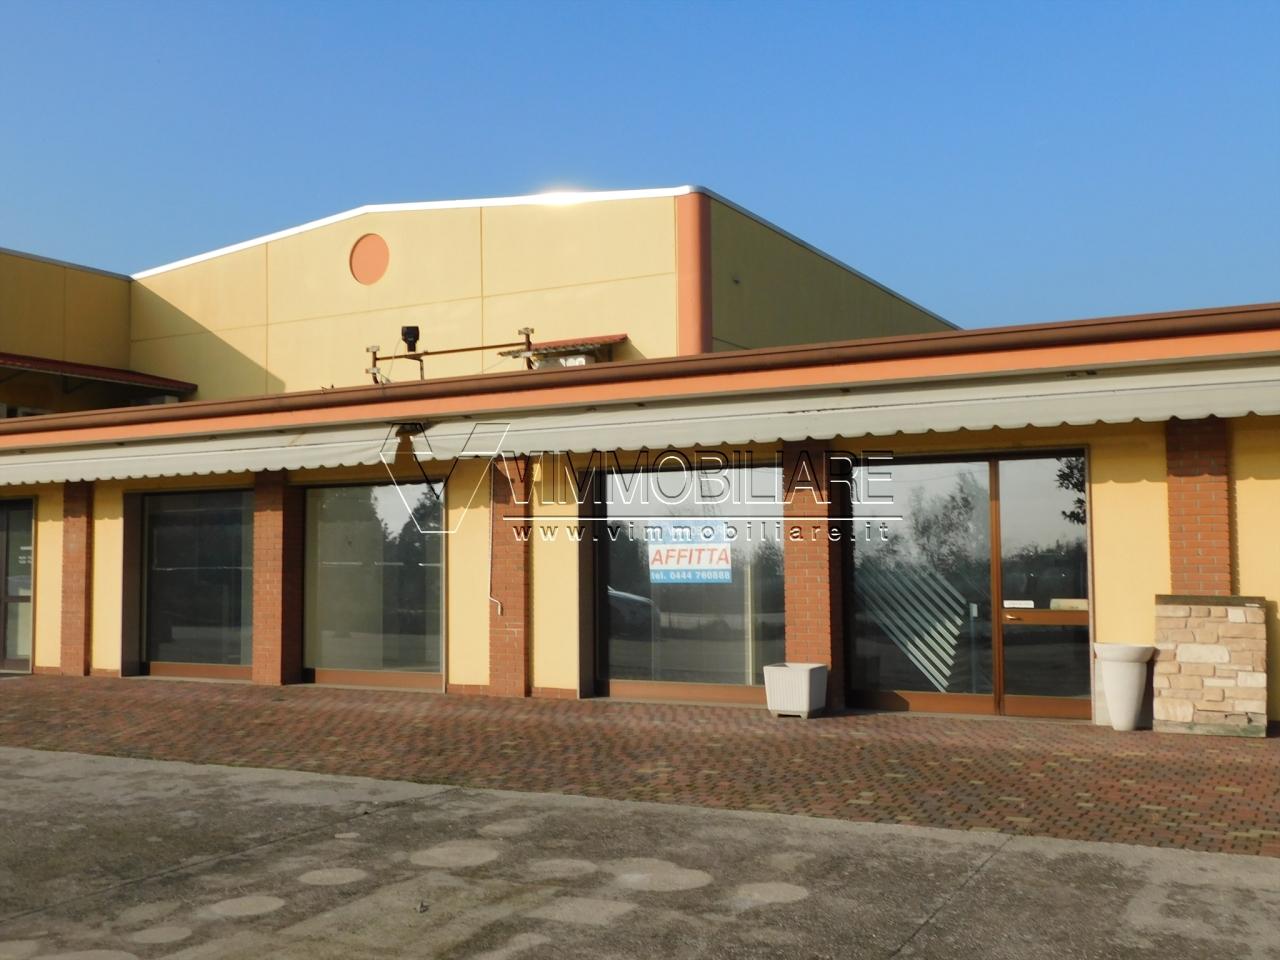 Locale commerciale - Oltre 3 vetrine a Pojana Maggiore Rif. 9418816